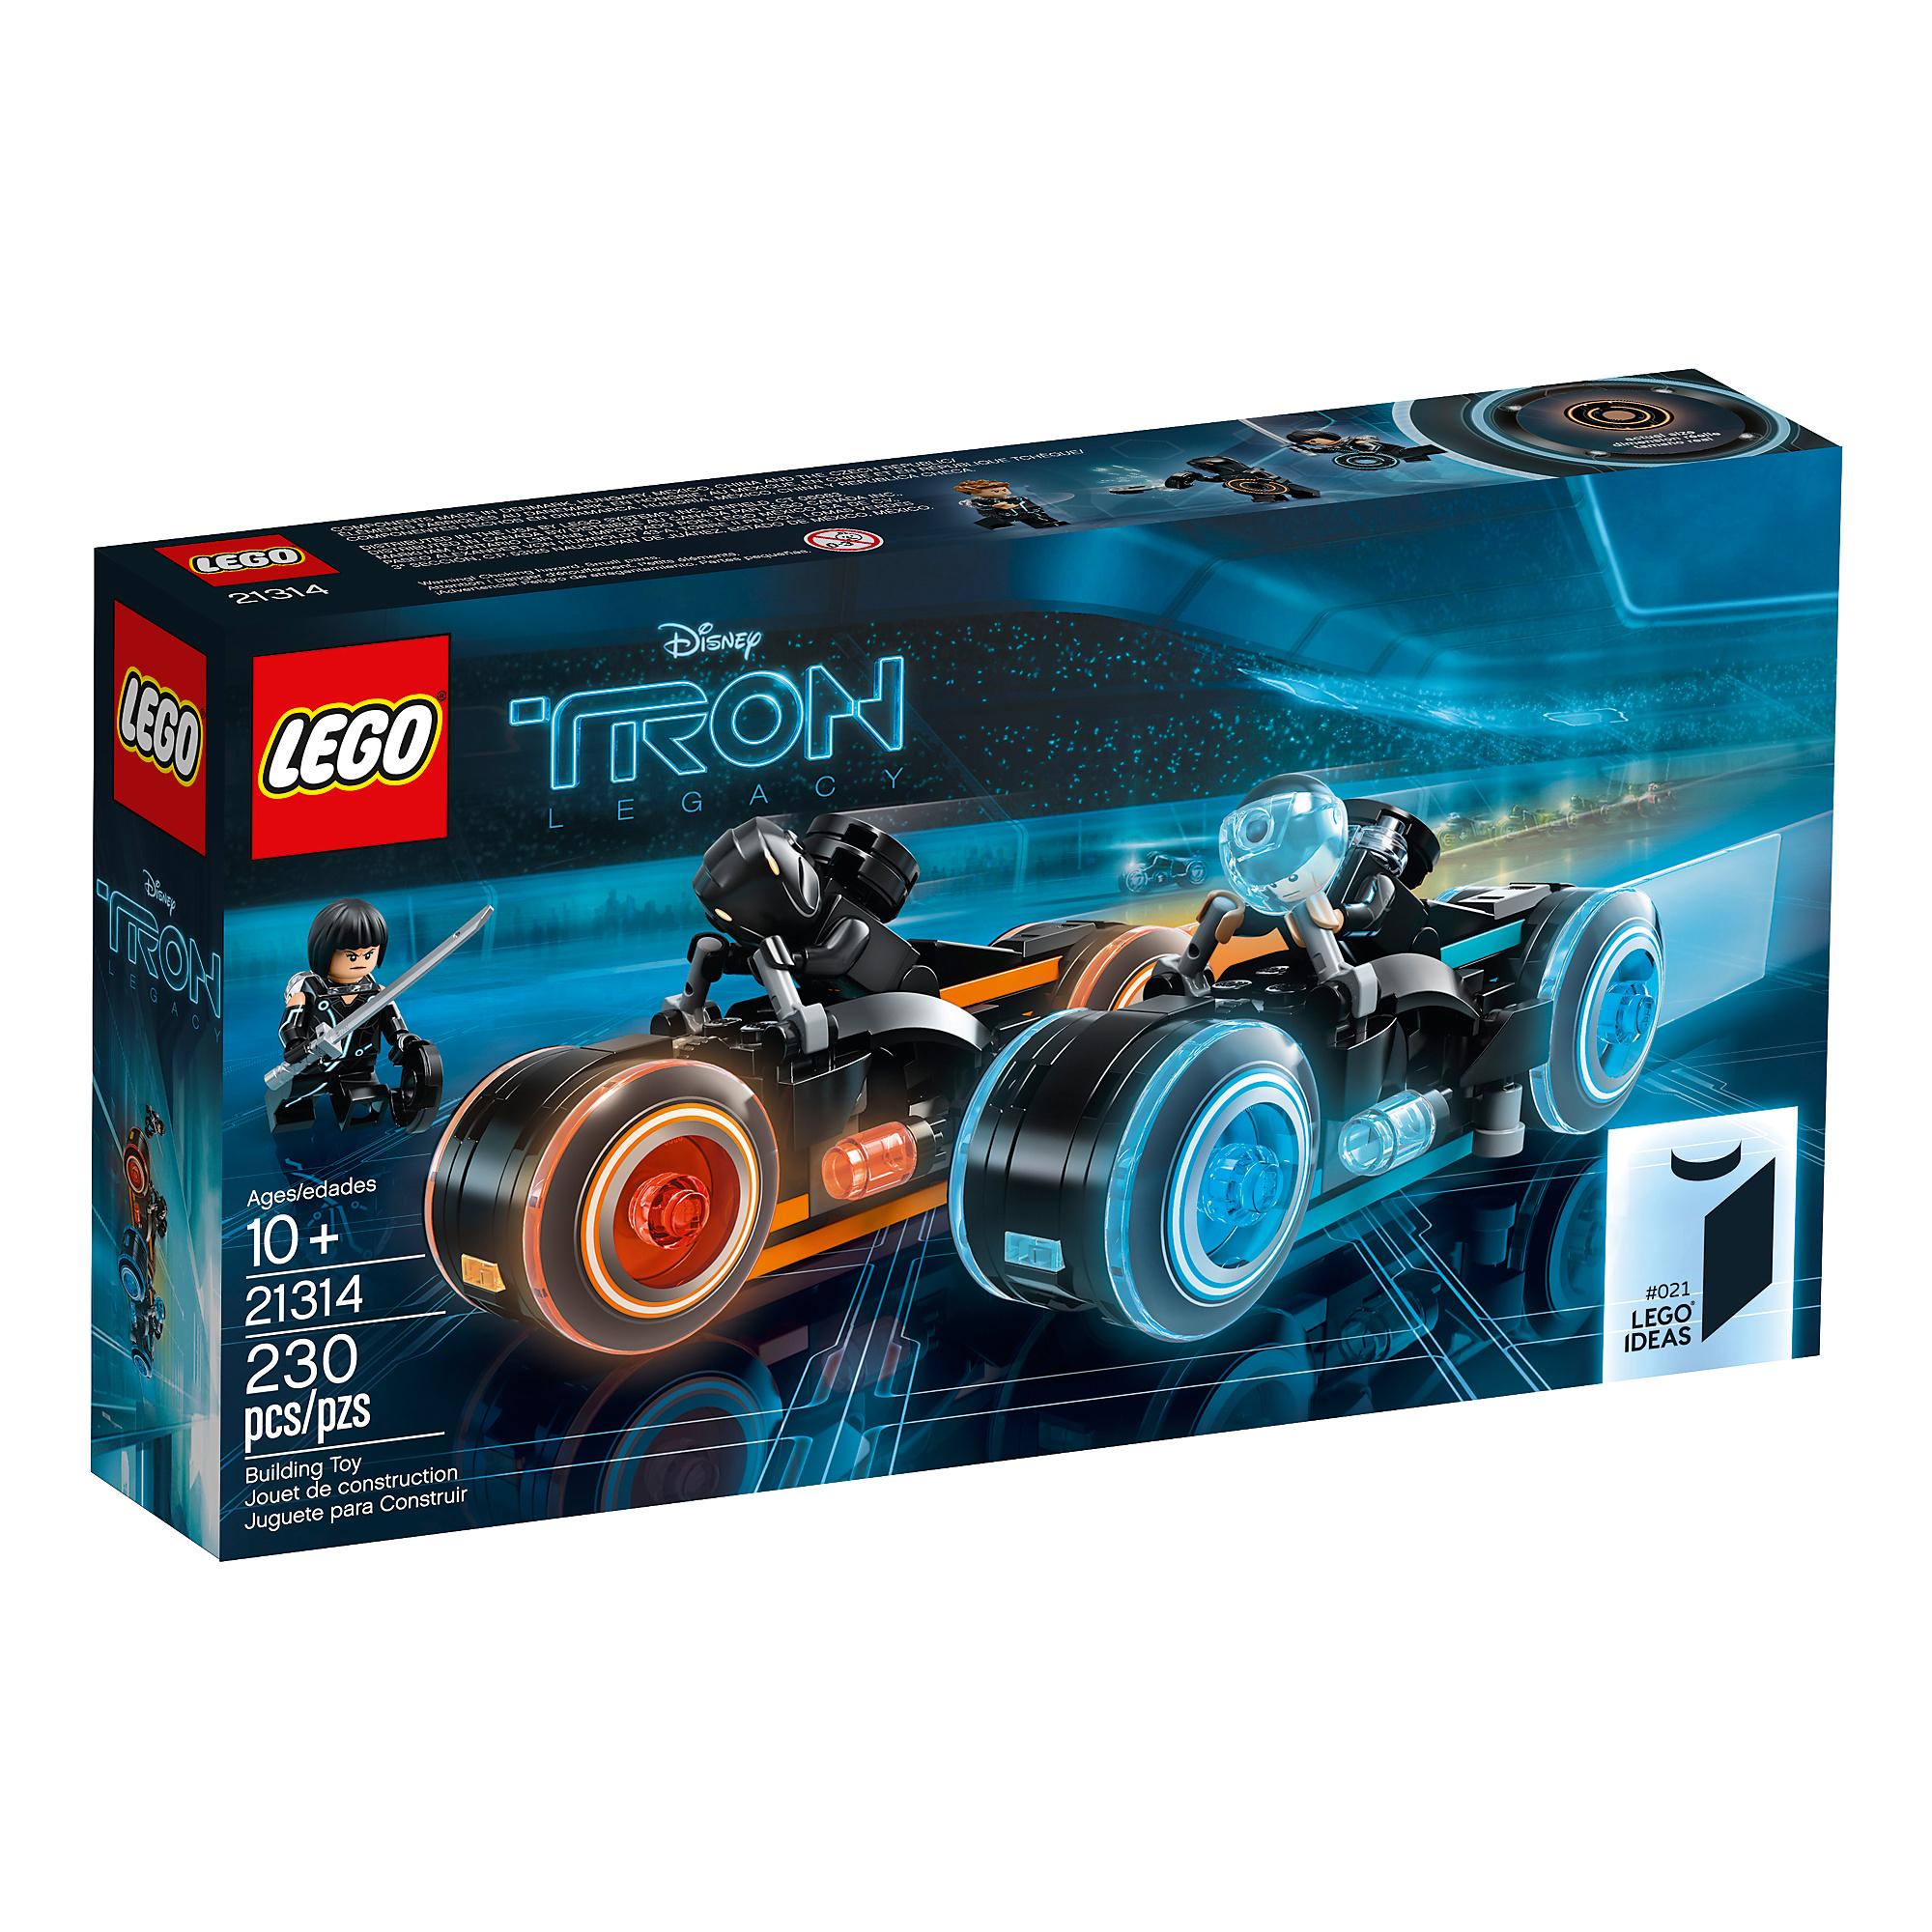 TRON Legacy LEGO Set